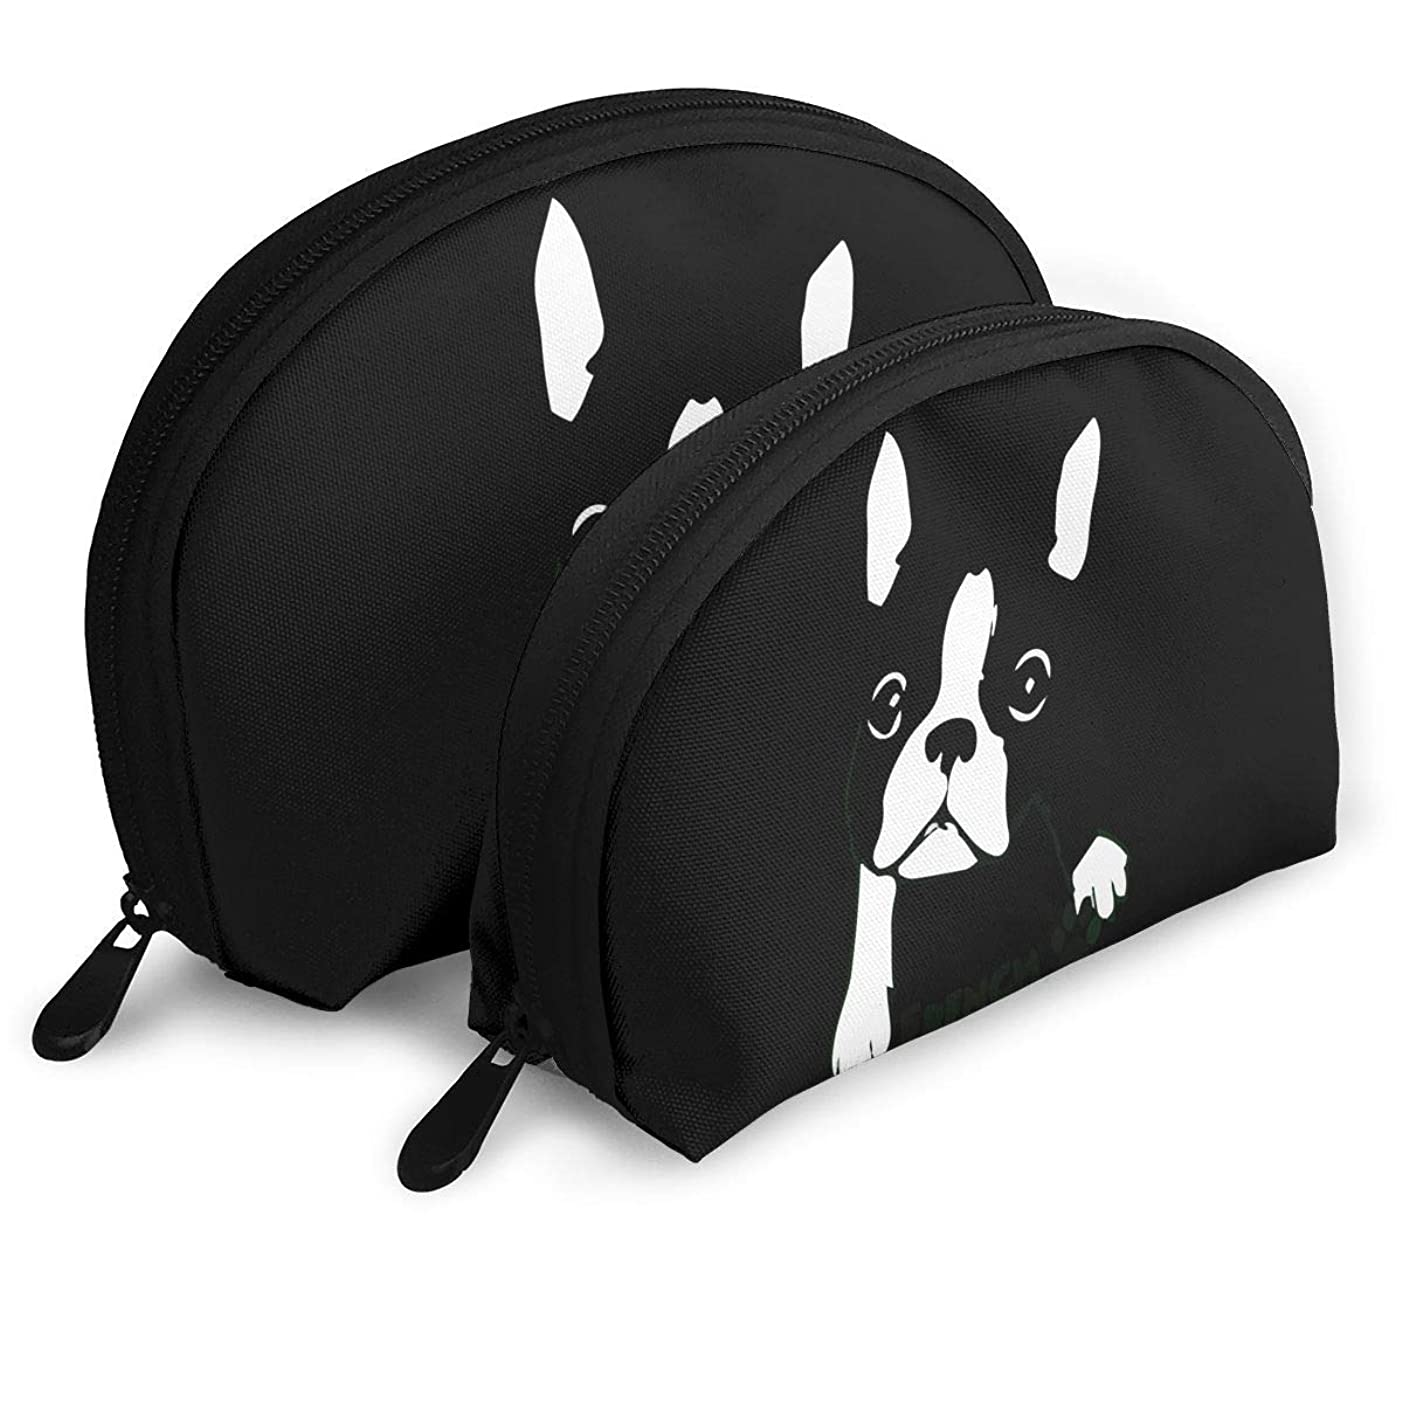 ブラスト作る計算するFrench Bulldog ブルドッグ 化粧ポーチ ツインセット 貝殻型 化粧袋 小物収納 軽量 旅行出張用 メイクポーチ ニューモード おしゃれ 親子ポーチ レディース